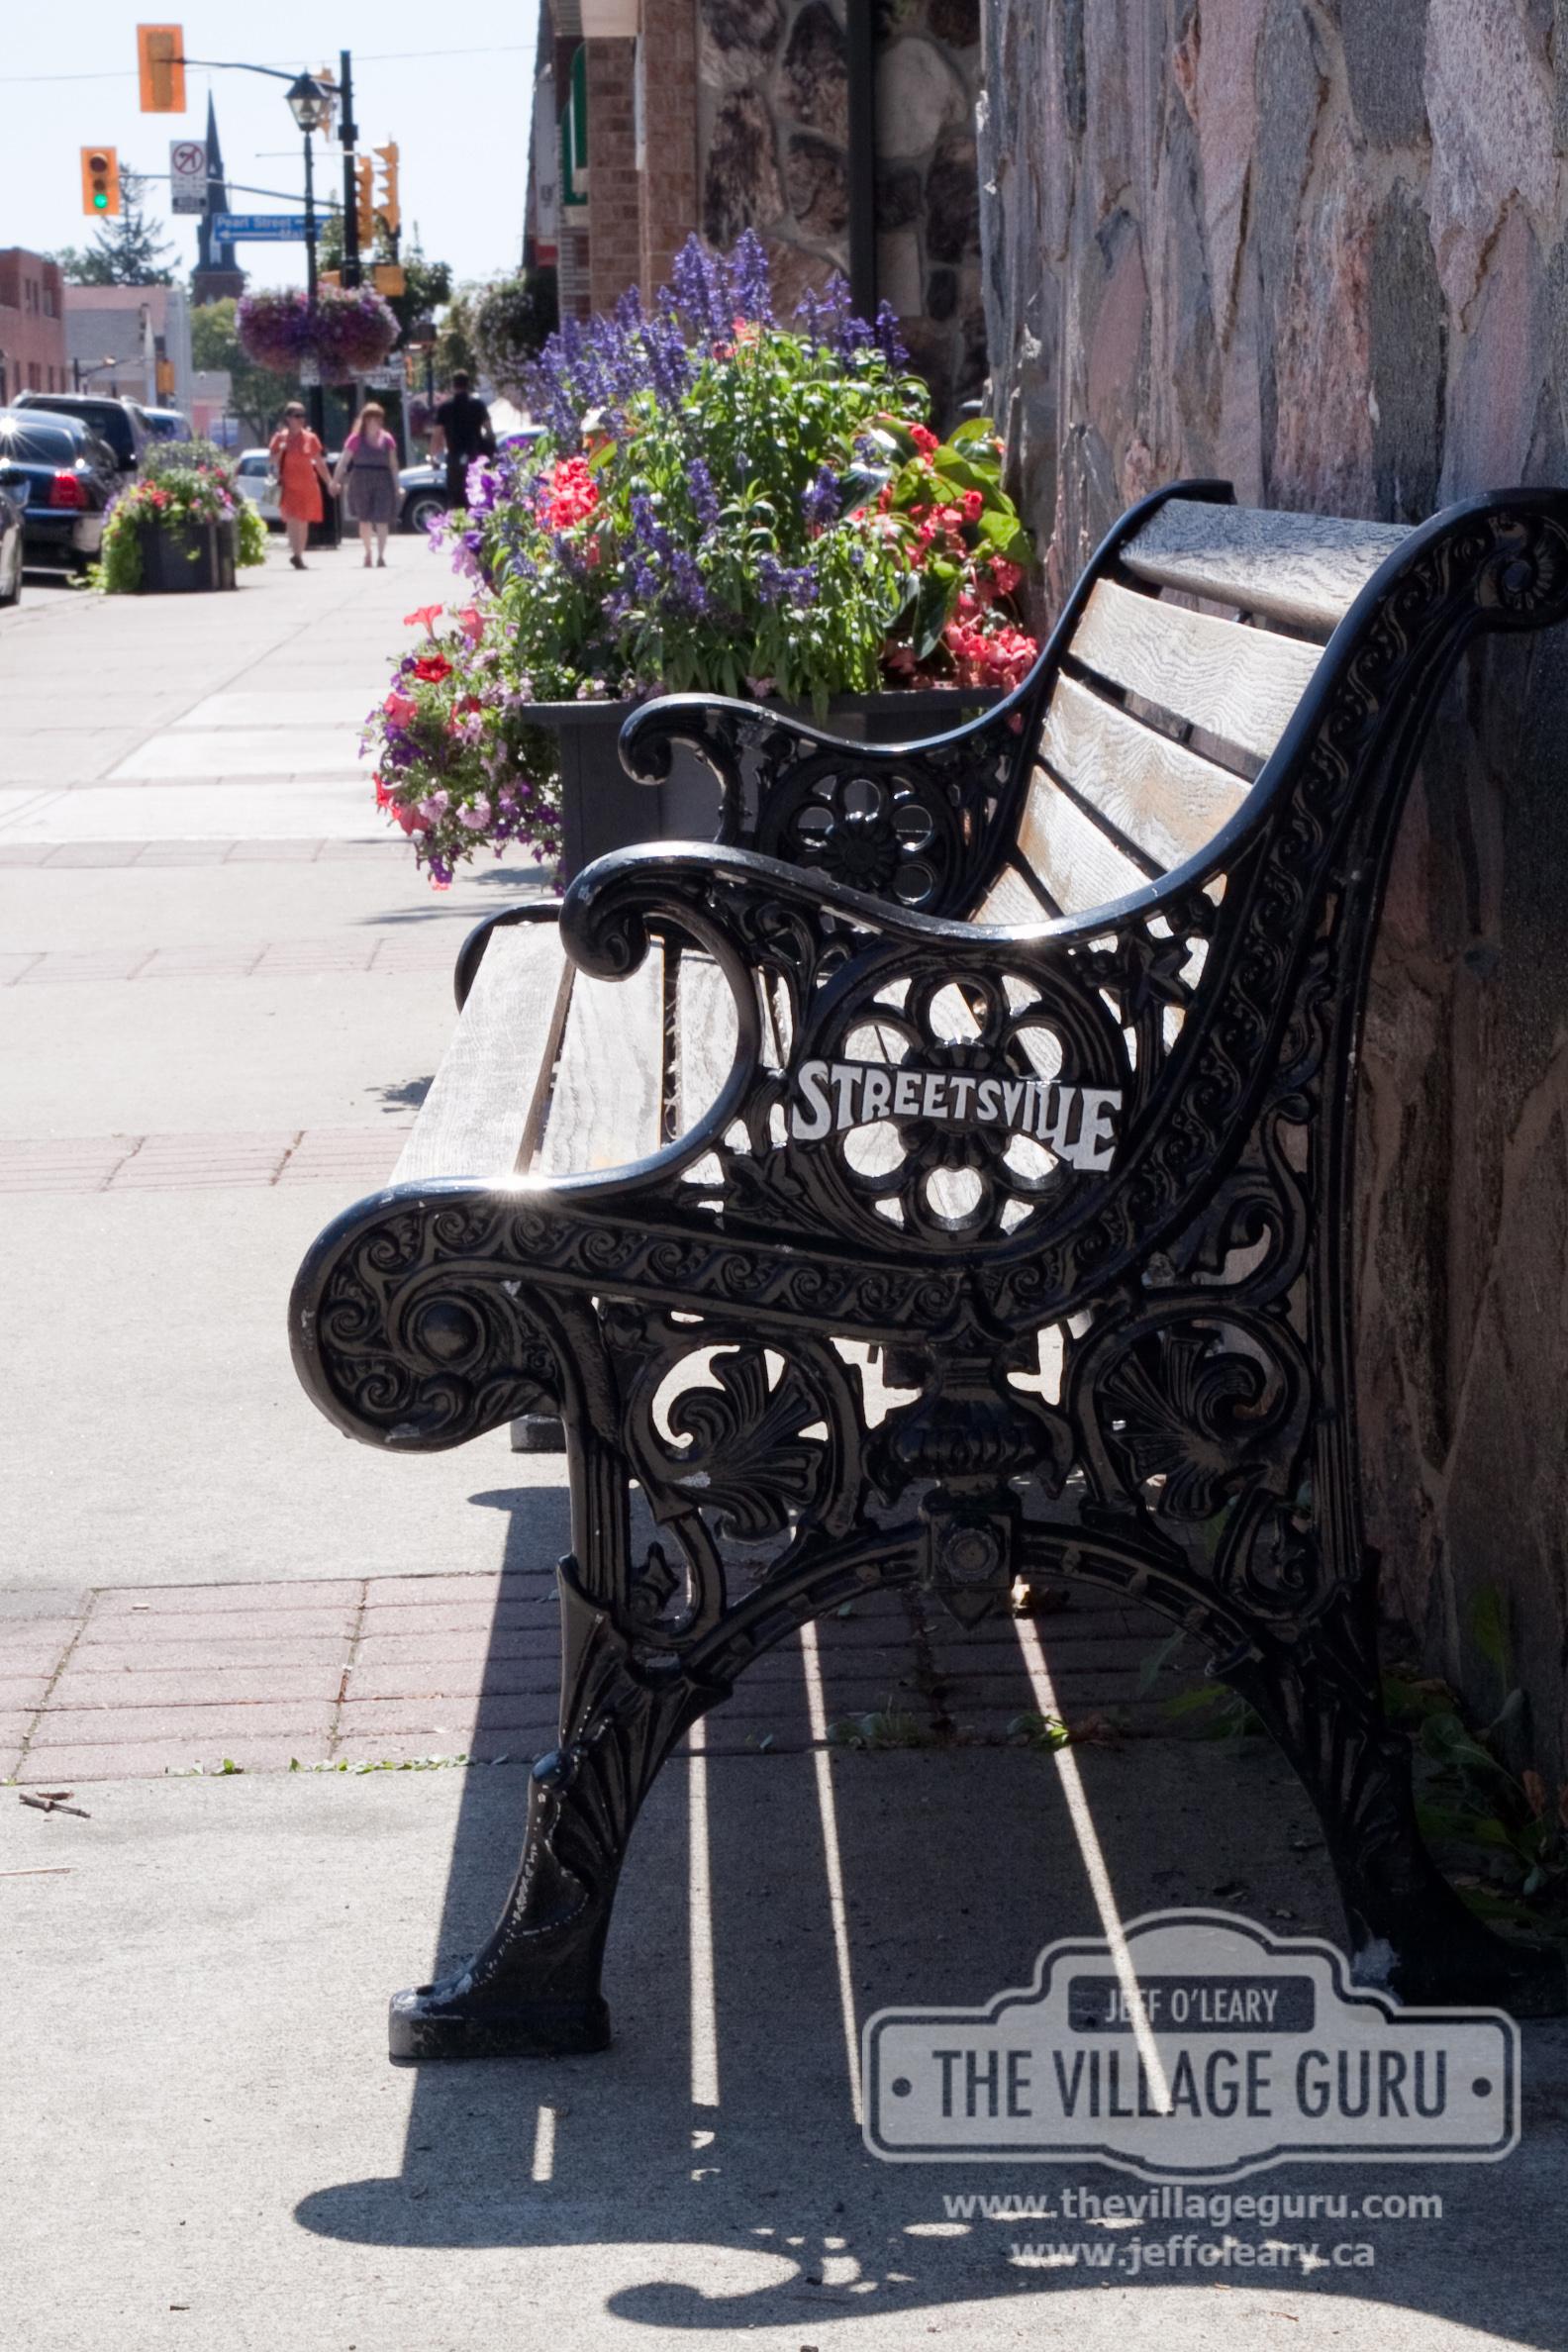 Queen-St-in-Historic-Streetsville